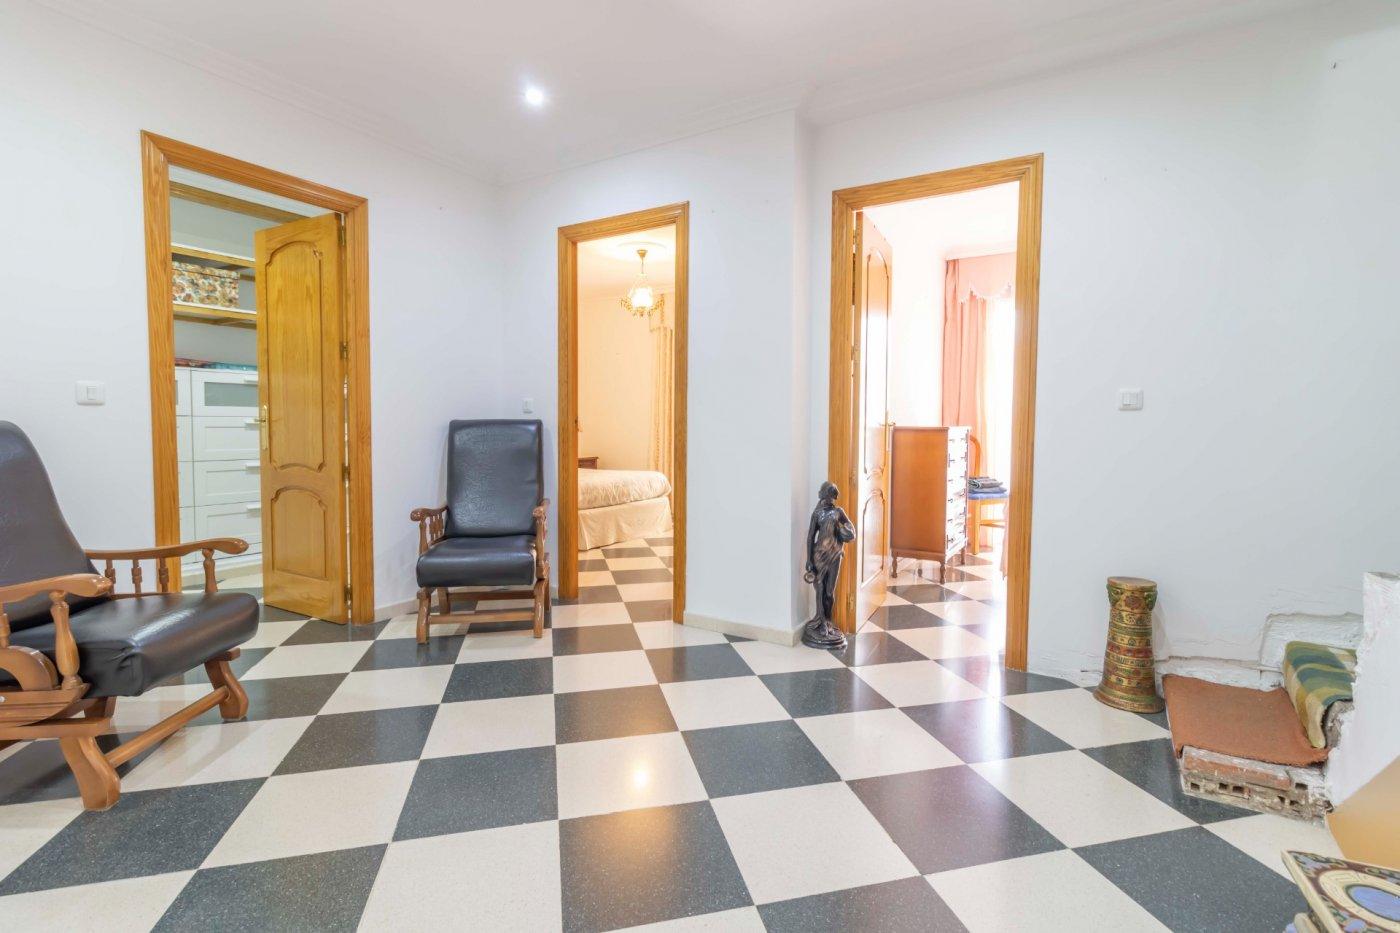 Casa a la venta en zona padre pÍo - imagenInmueble13